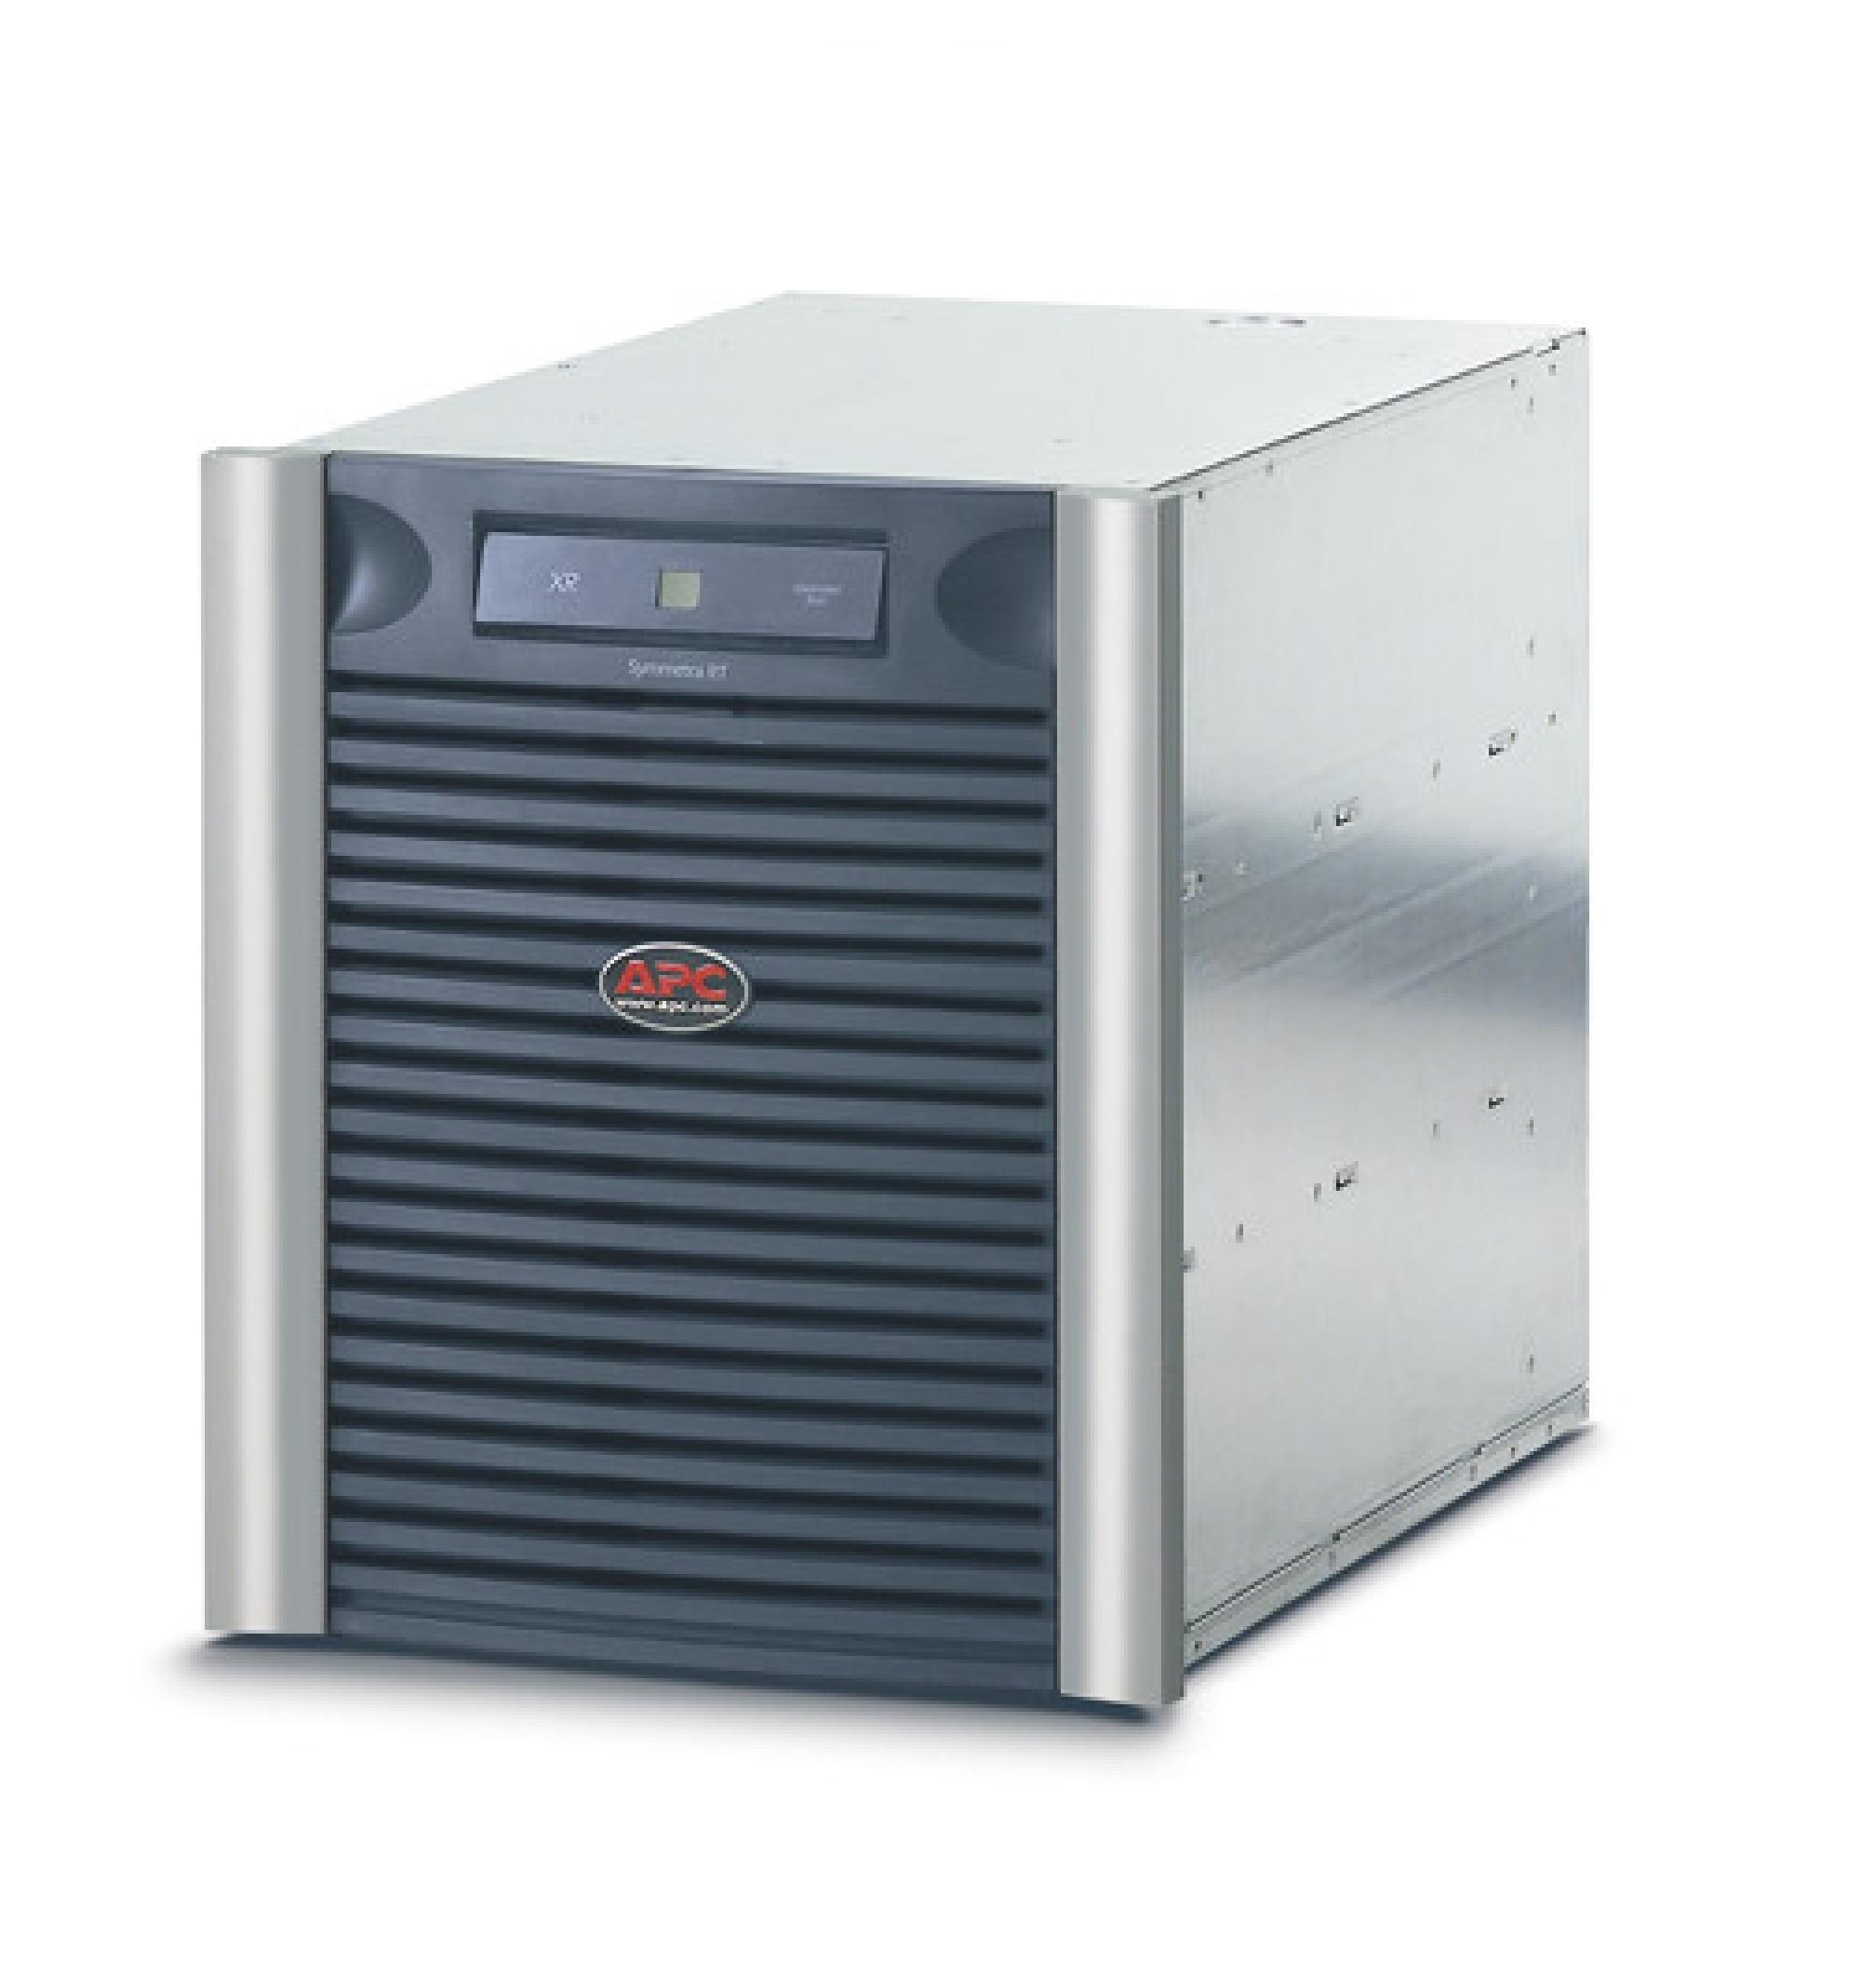 Nobreak Symmetra LX da APC com extensão de autonomia para rack com 9 módulos de baterias SYBT5, 230V